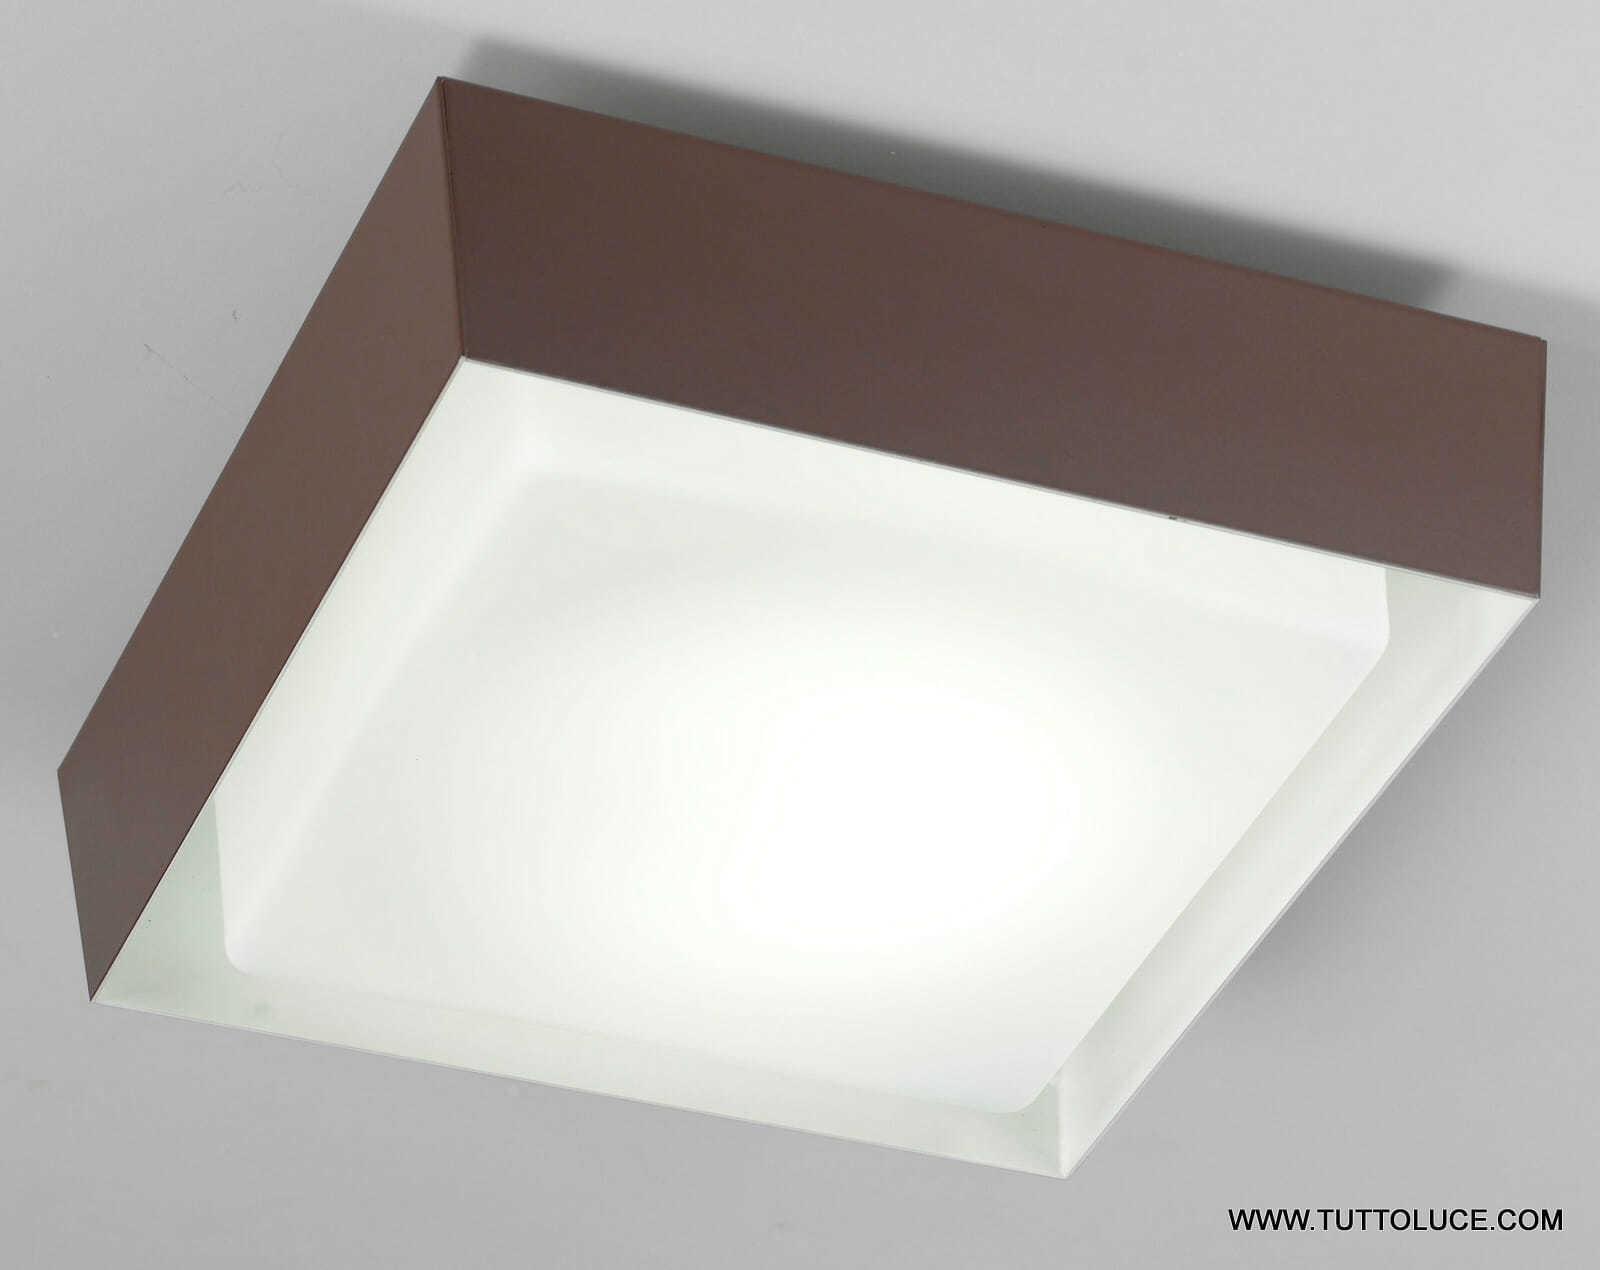 Plafoniere Led Moderne Da Soffitto : Lampade moderne da soffitto in vetro